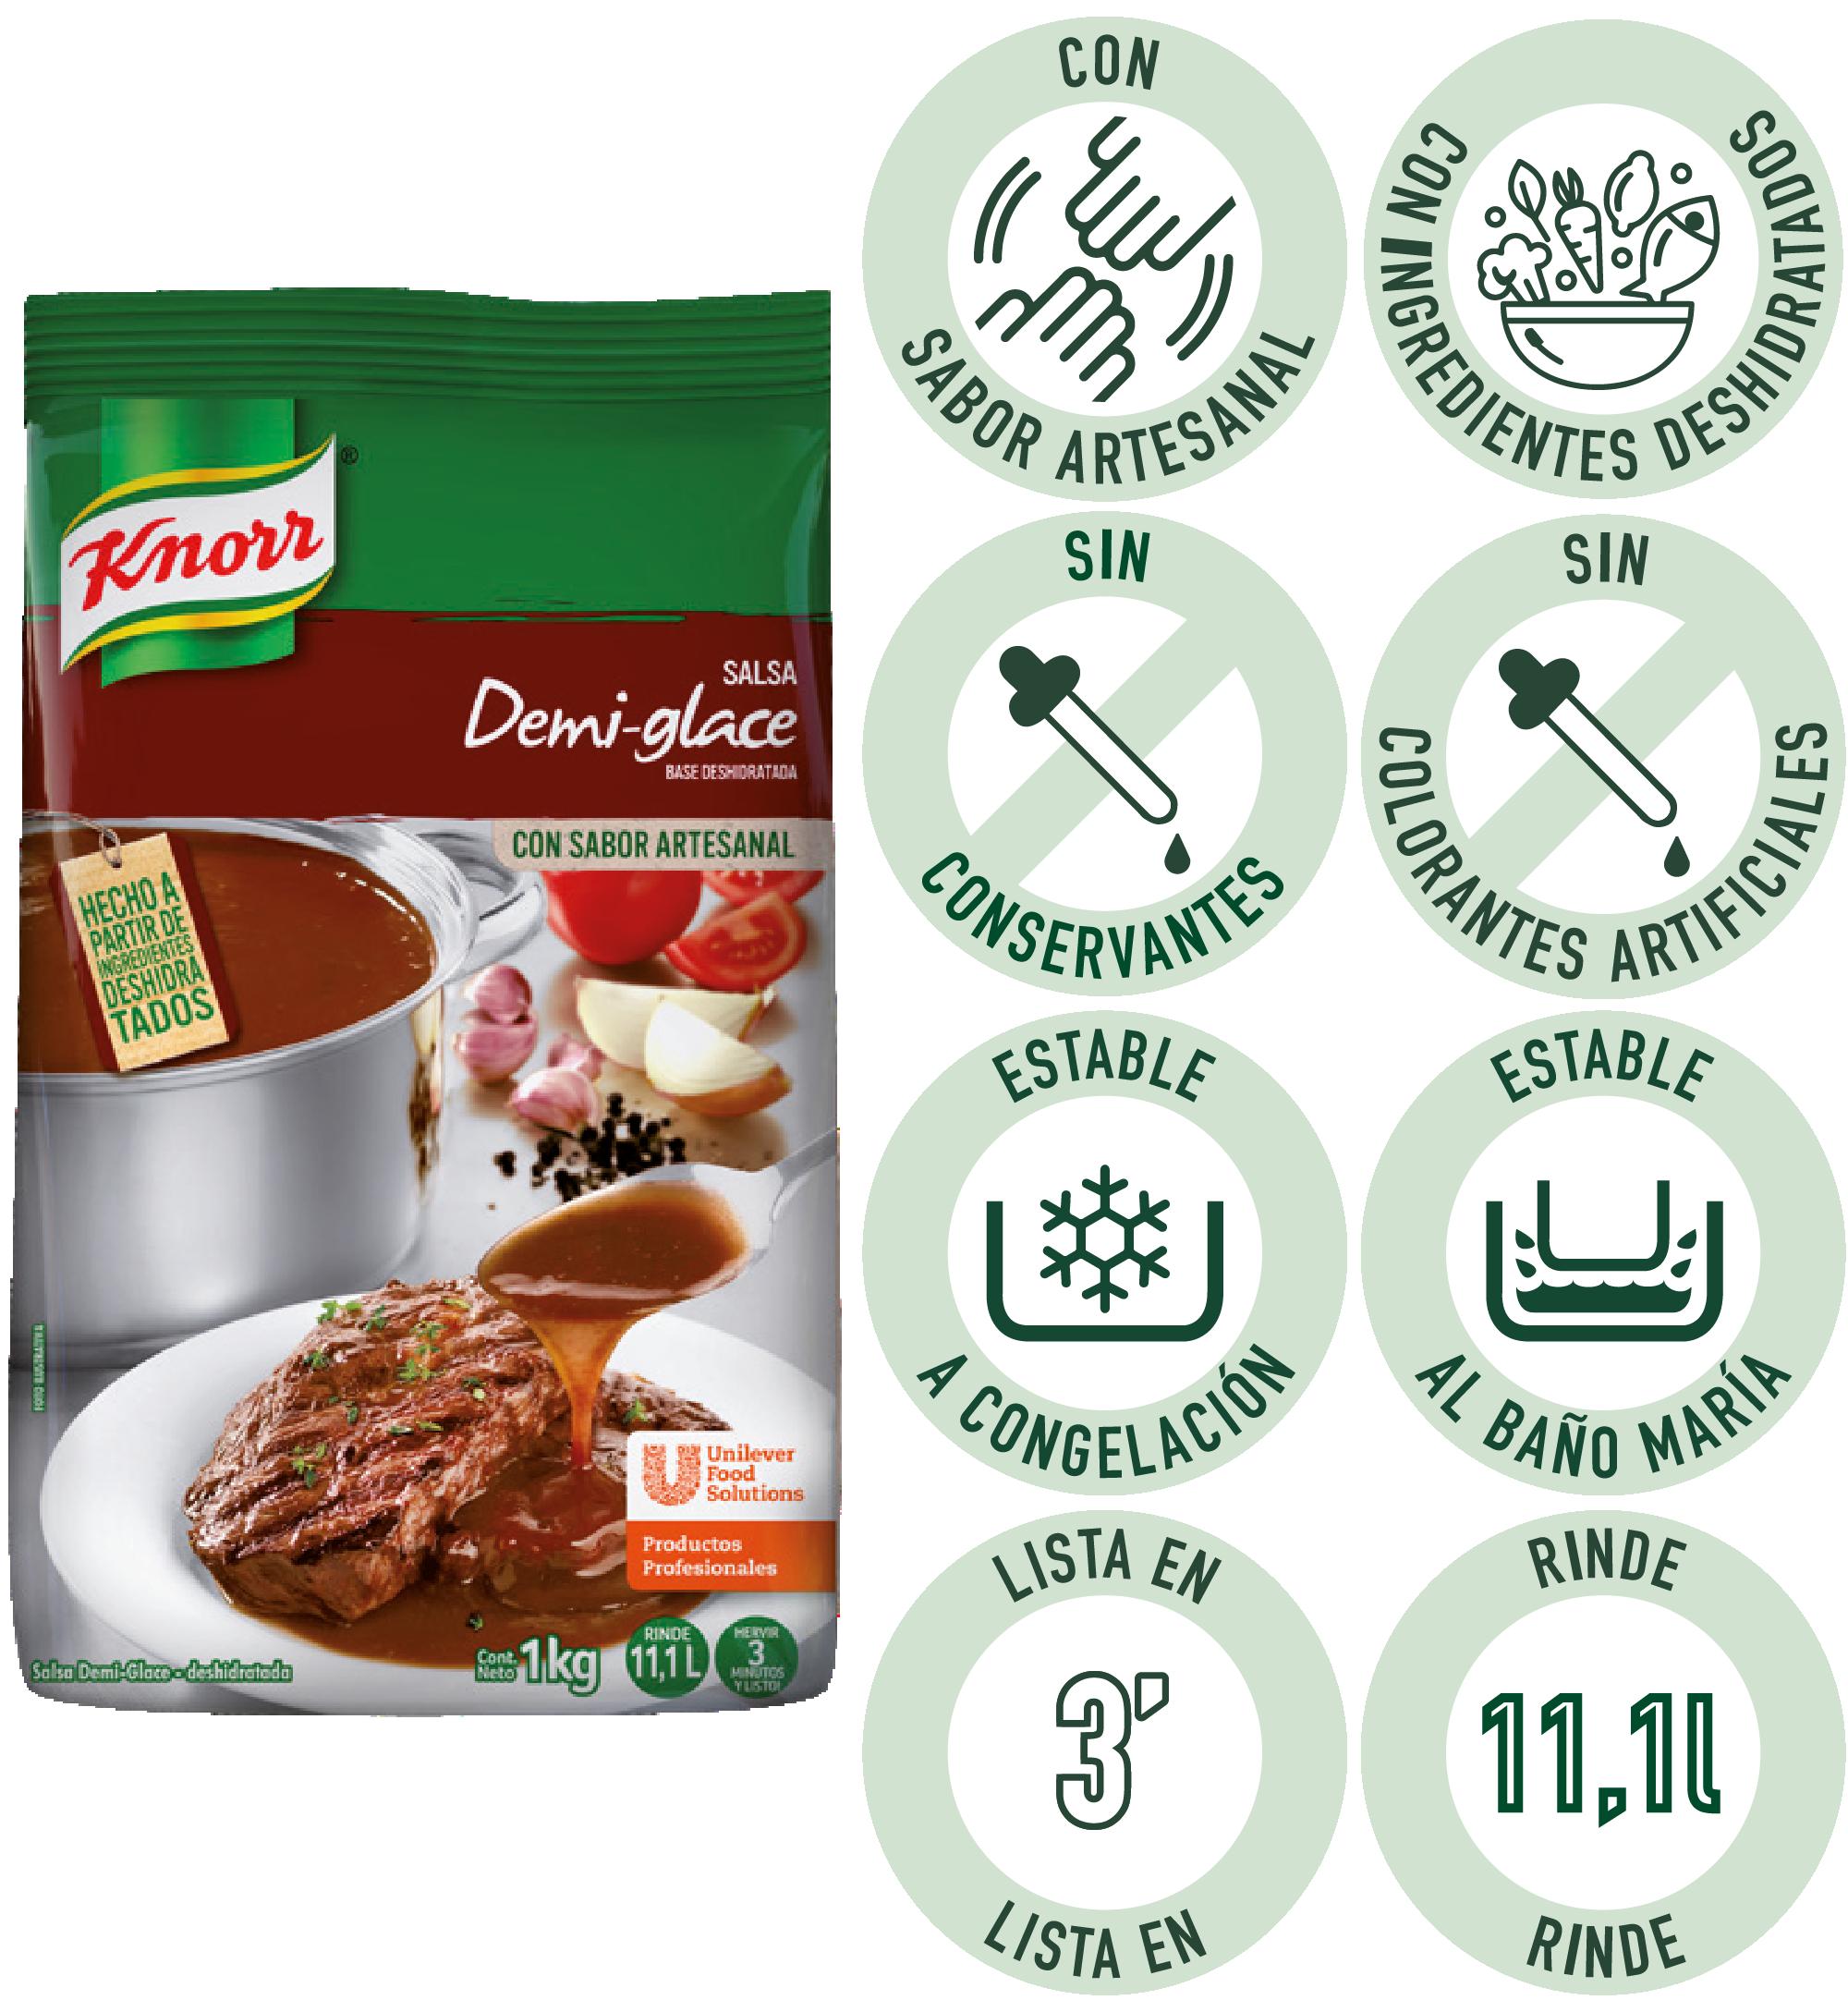 Salsa Demiglace Knorr 1 KG - La Salsa Demi-Glace Knorr te ofrece una excelente base, para inspirar tus creaciones en solo 3 minutos